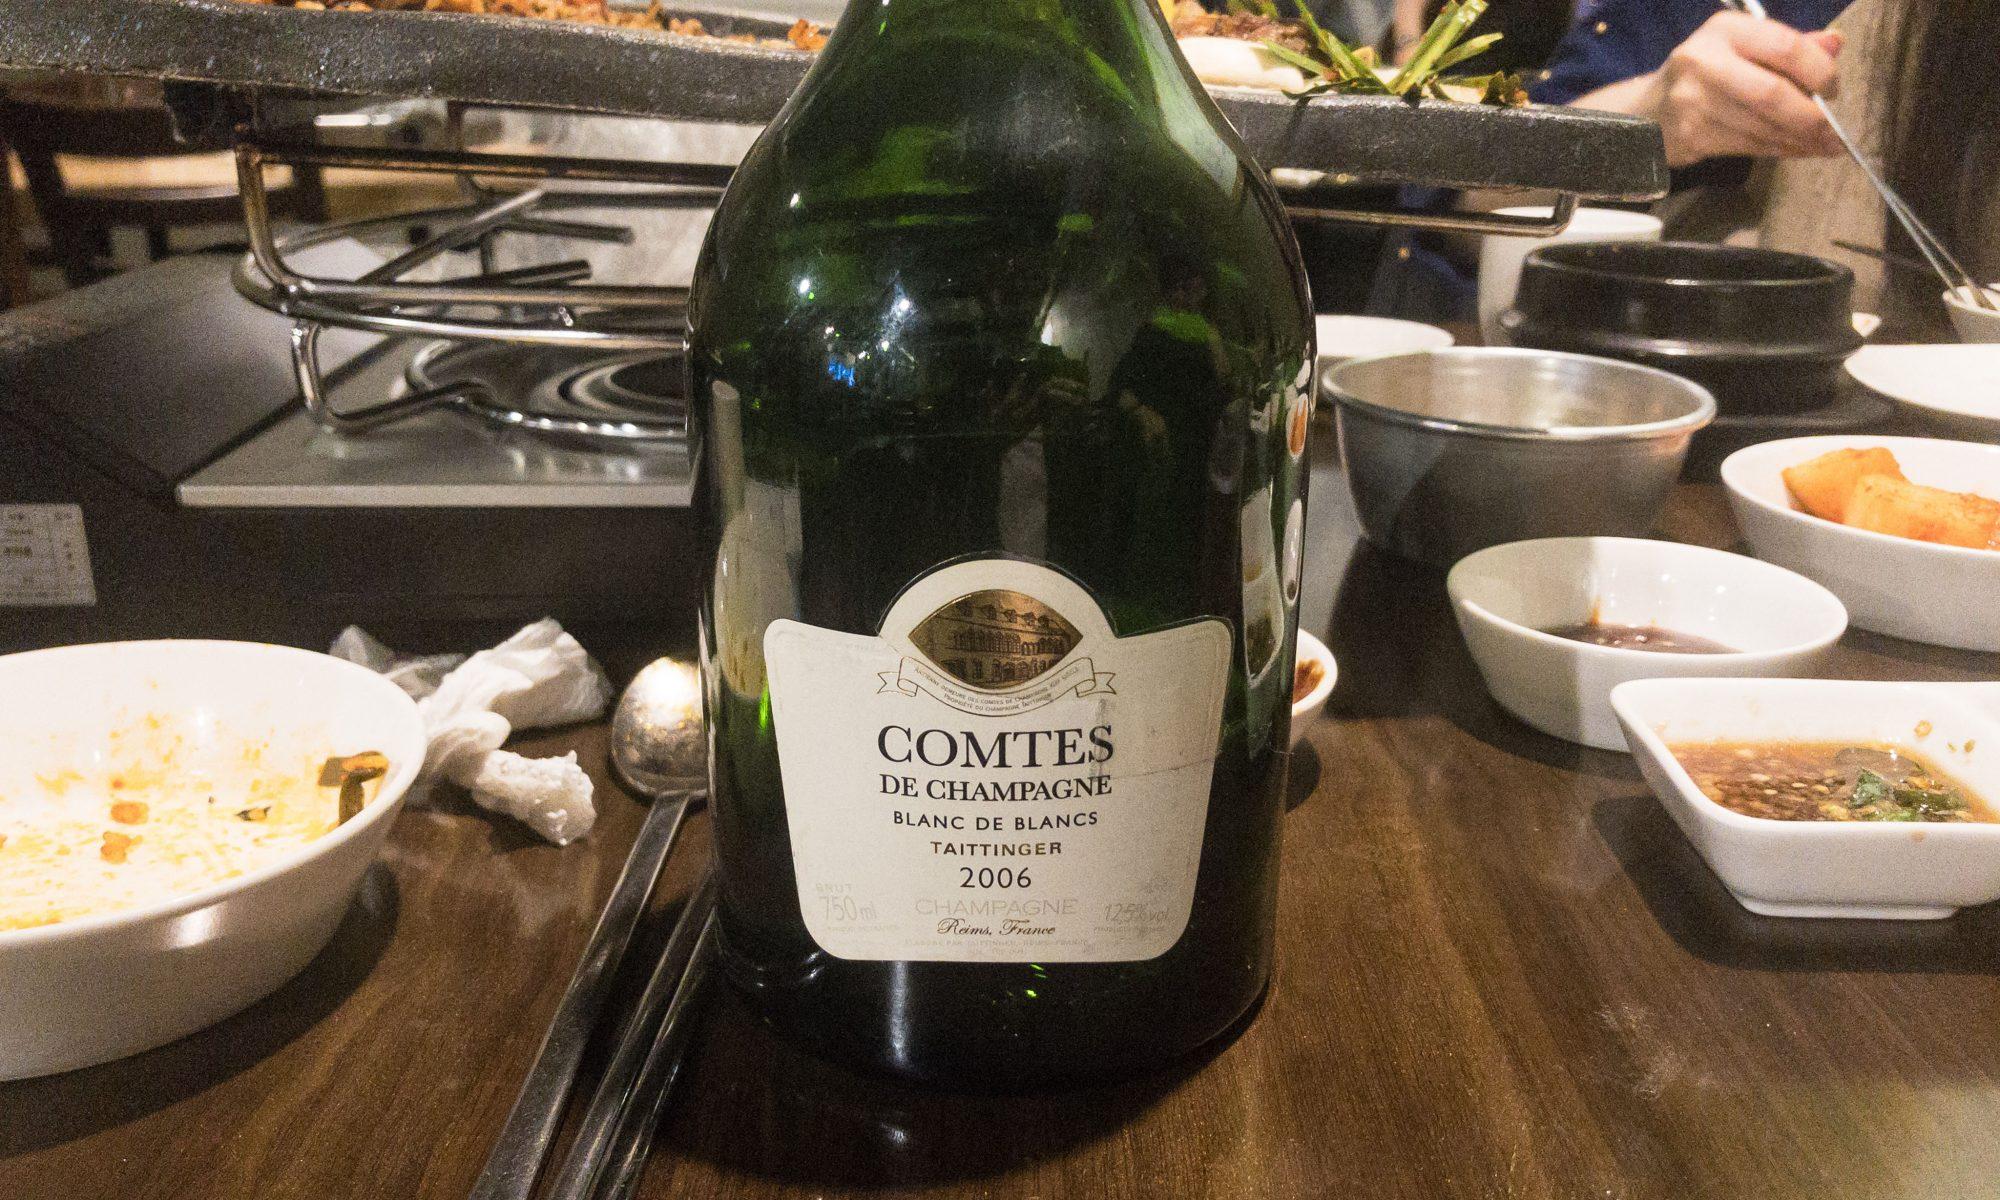 Taittinger Comtes de Champagne Blanc de Blancs Brut 2006